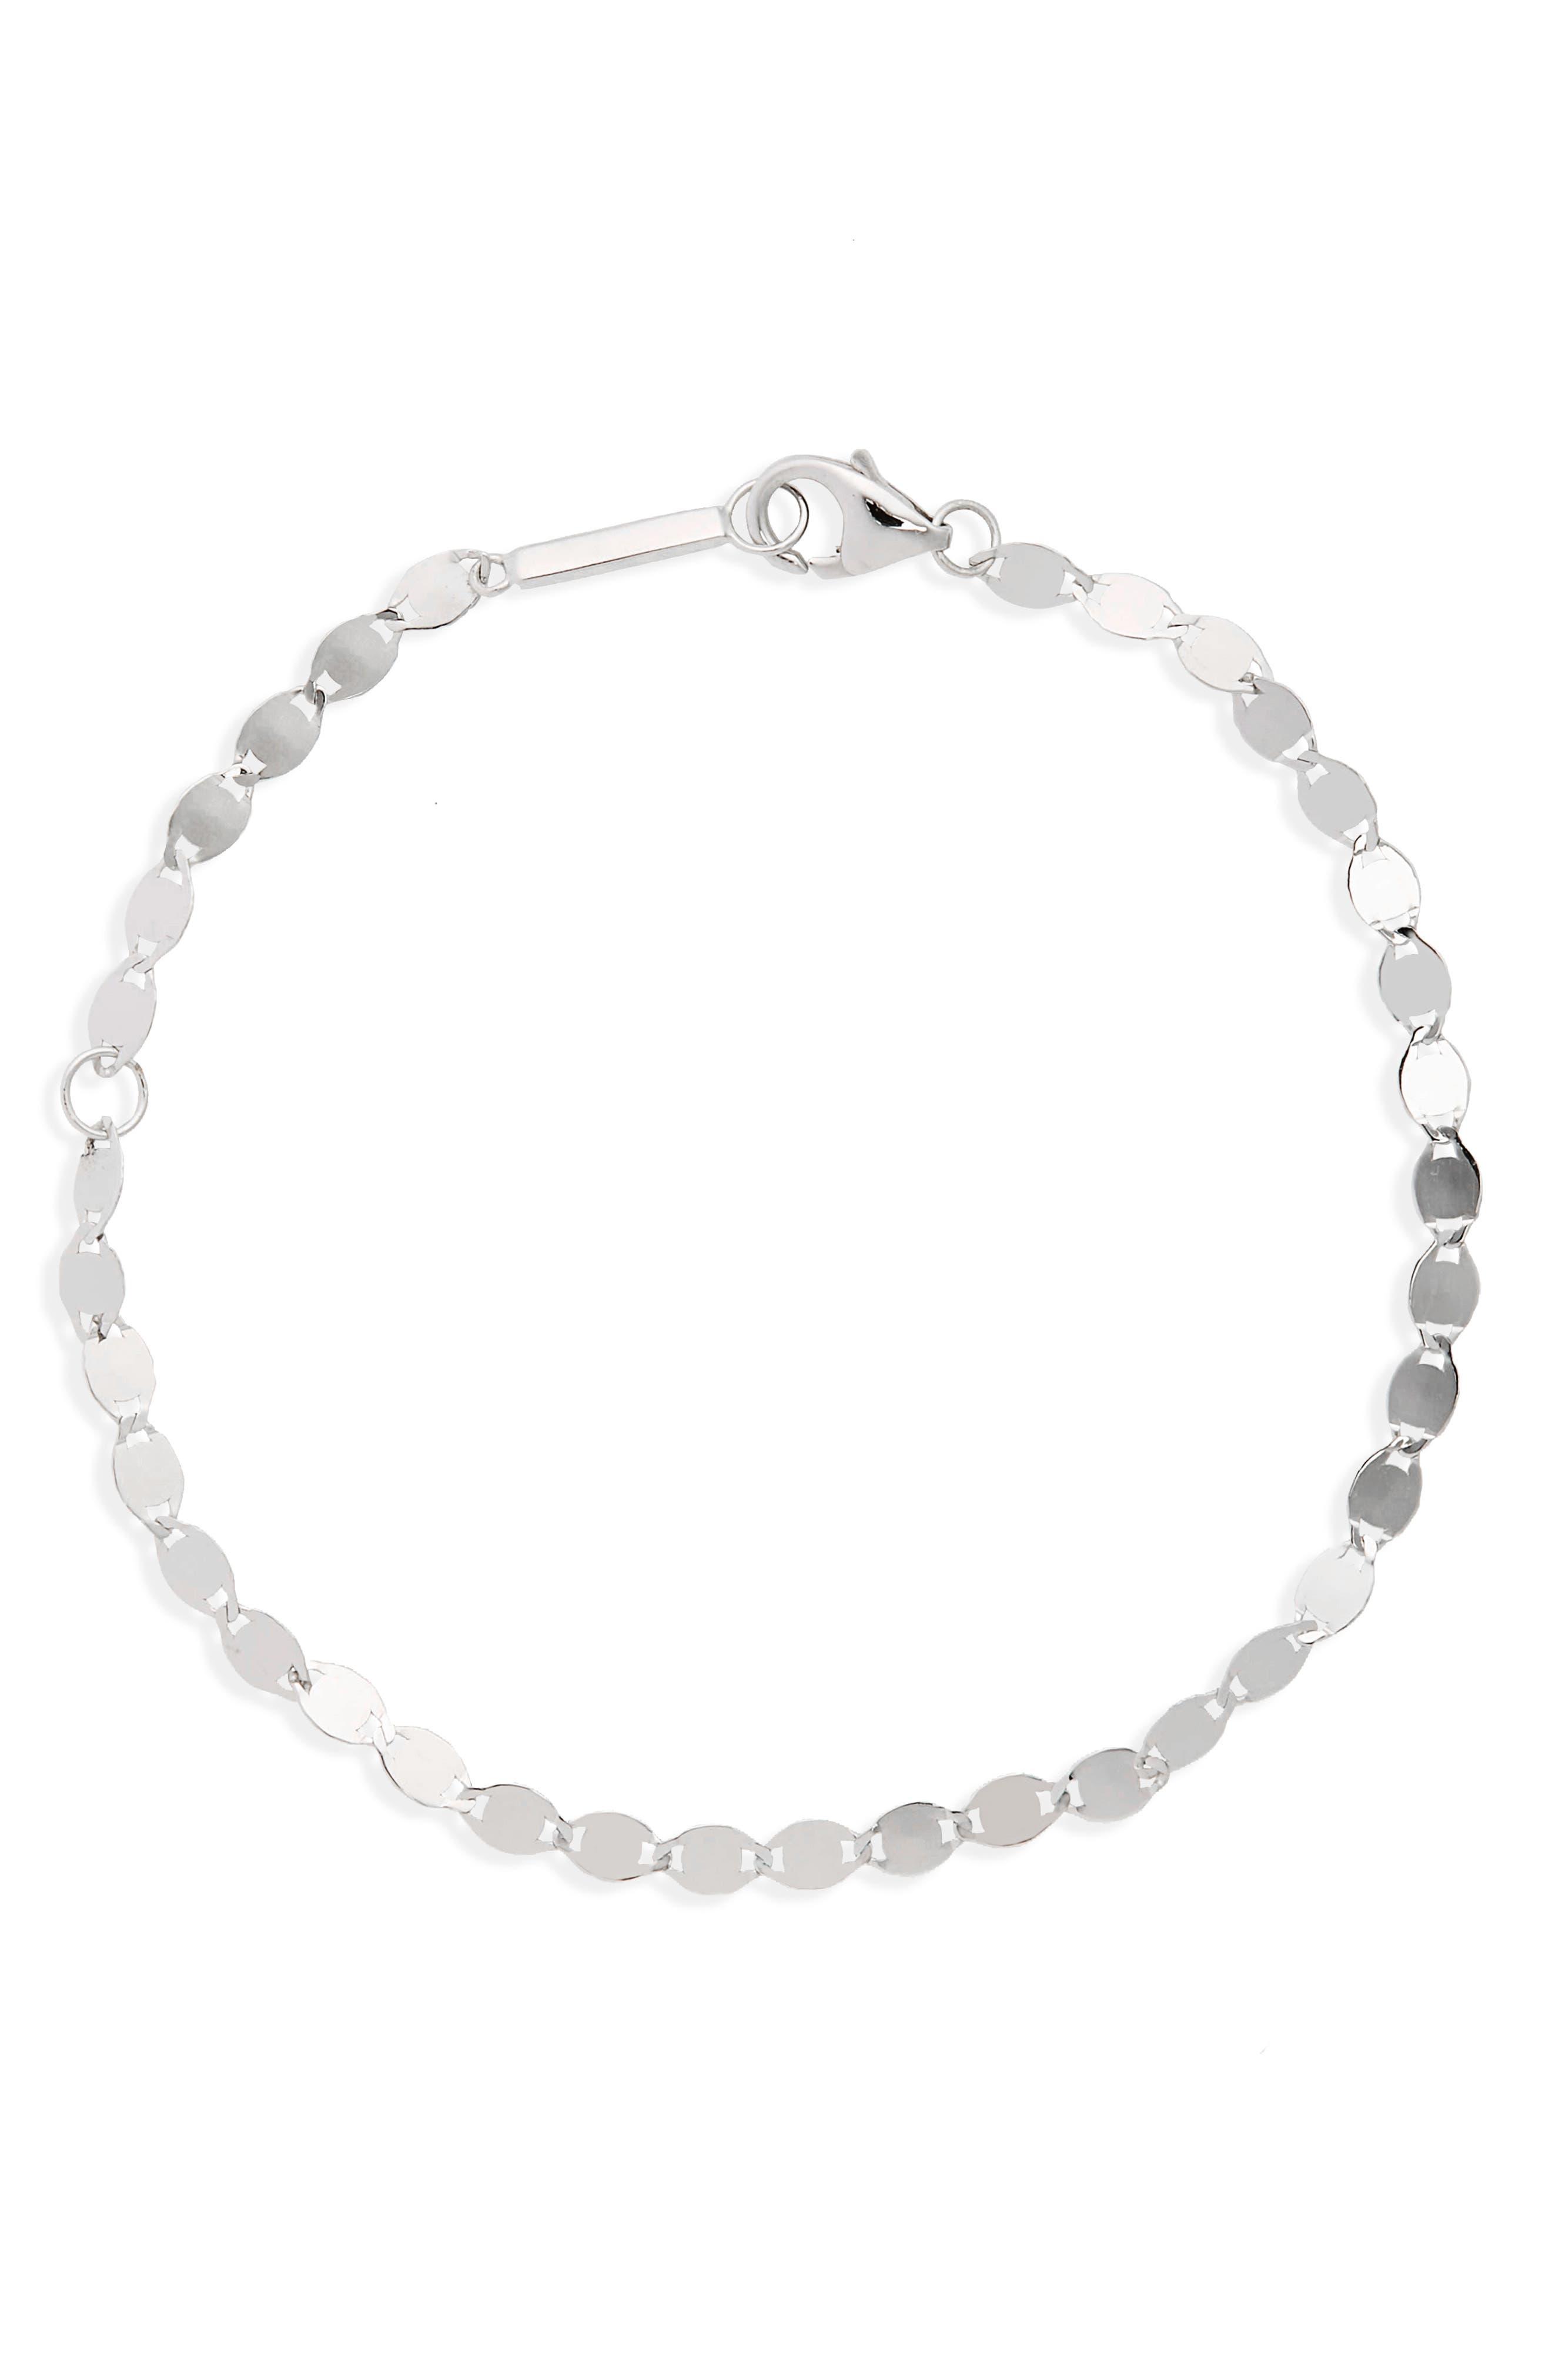 Nude Link Bracelet,                         Main,                         color, White Gold